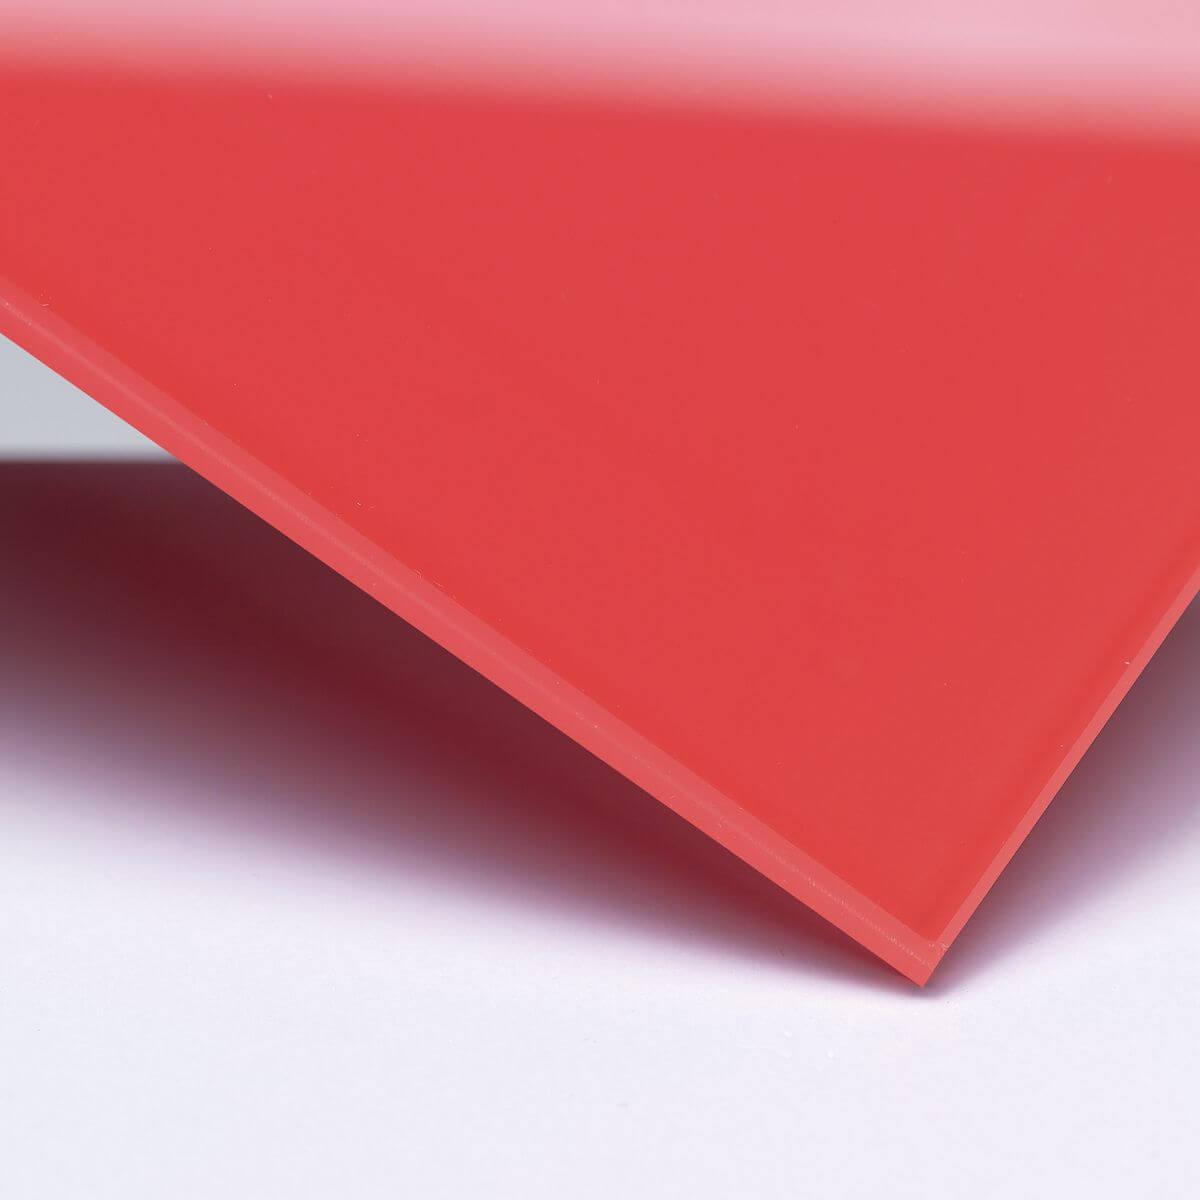 Finitura: Vetro con pellicola interna rossa coprente